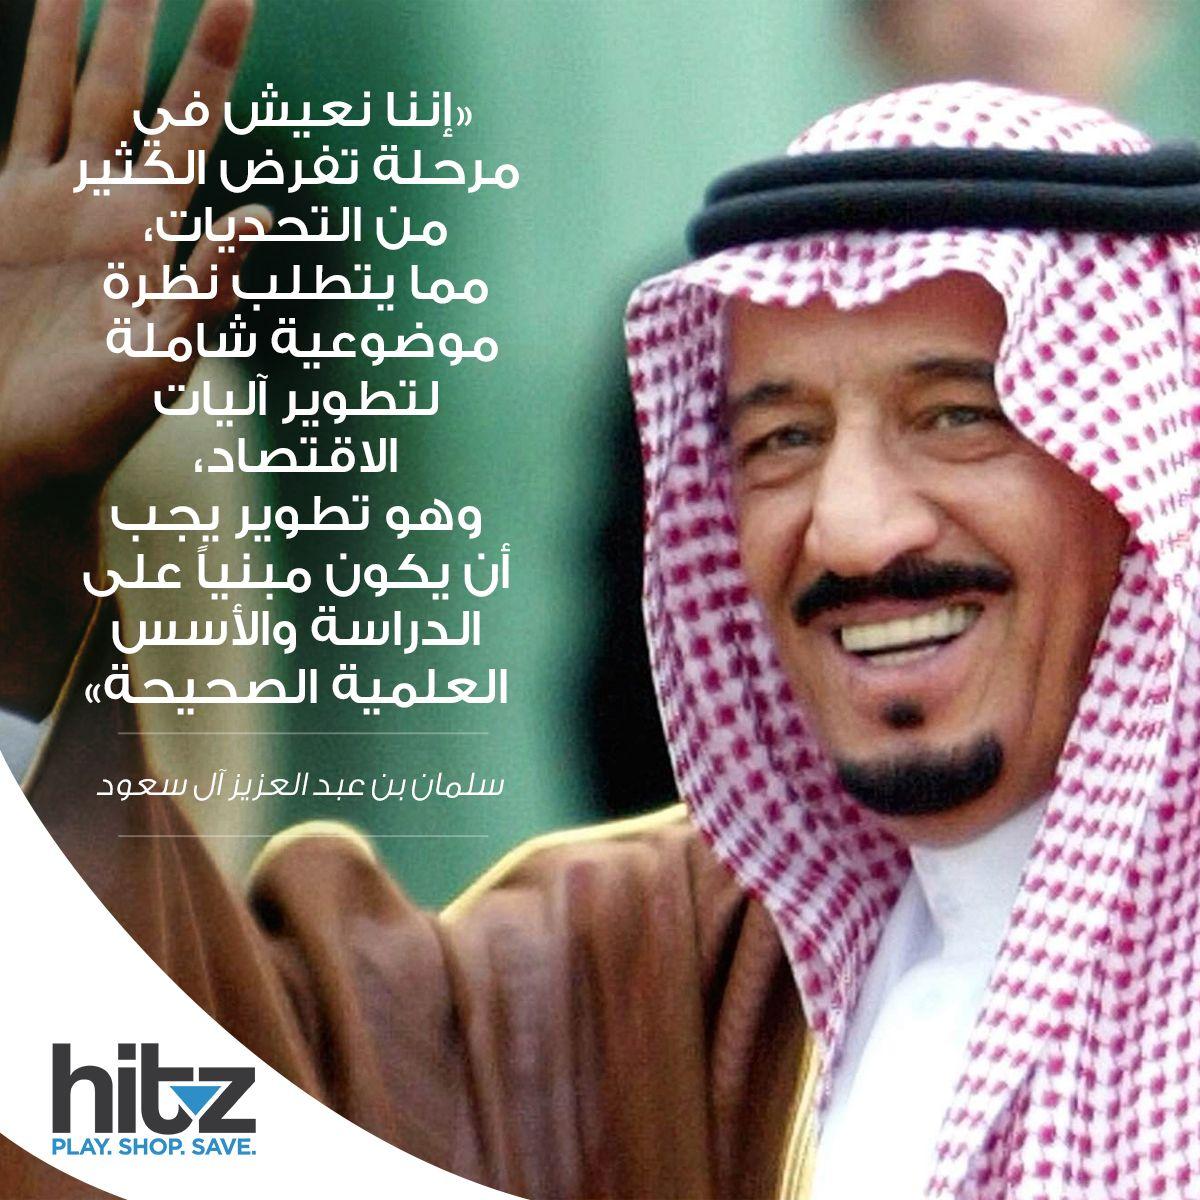 من أقوال الملك سلمان بن عبد العزيز آل سعود هيتز أرابيا السعودية الرياض National Day Saudi Prince Mohammed Save